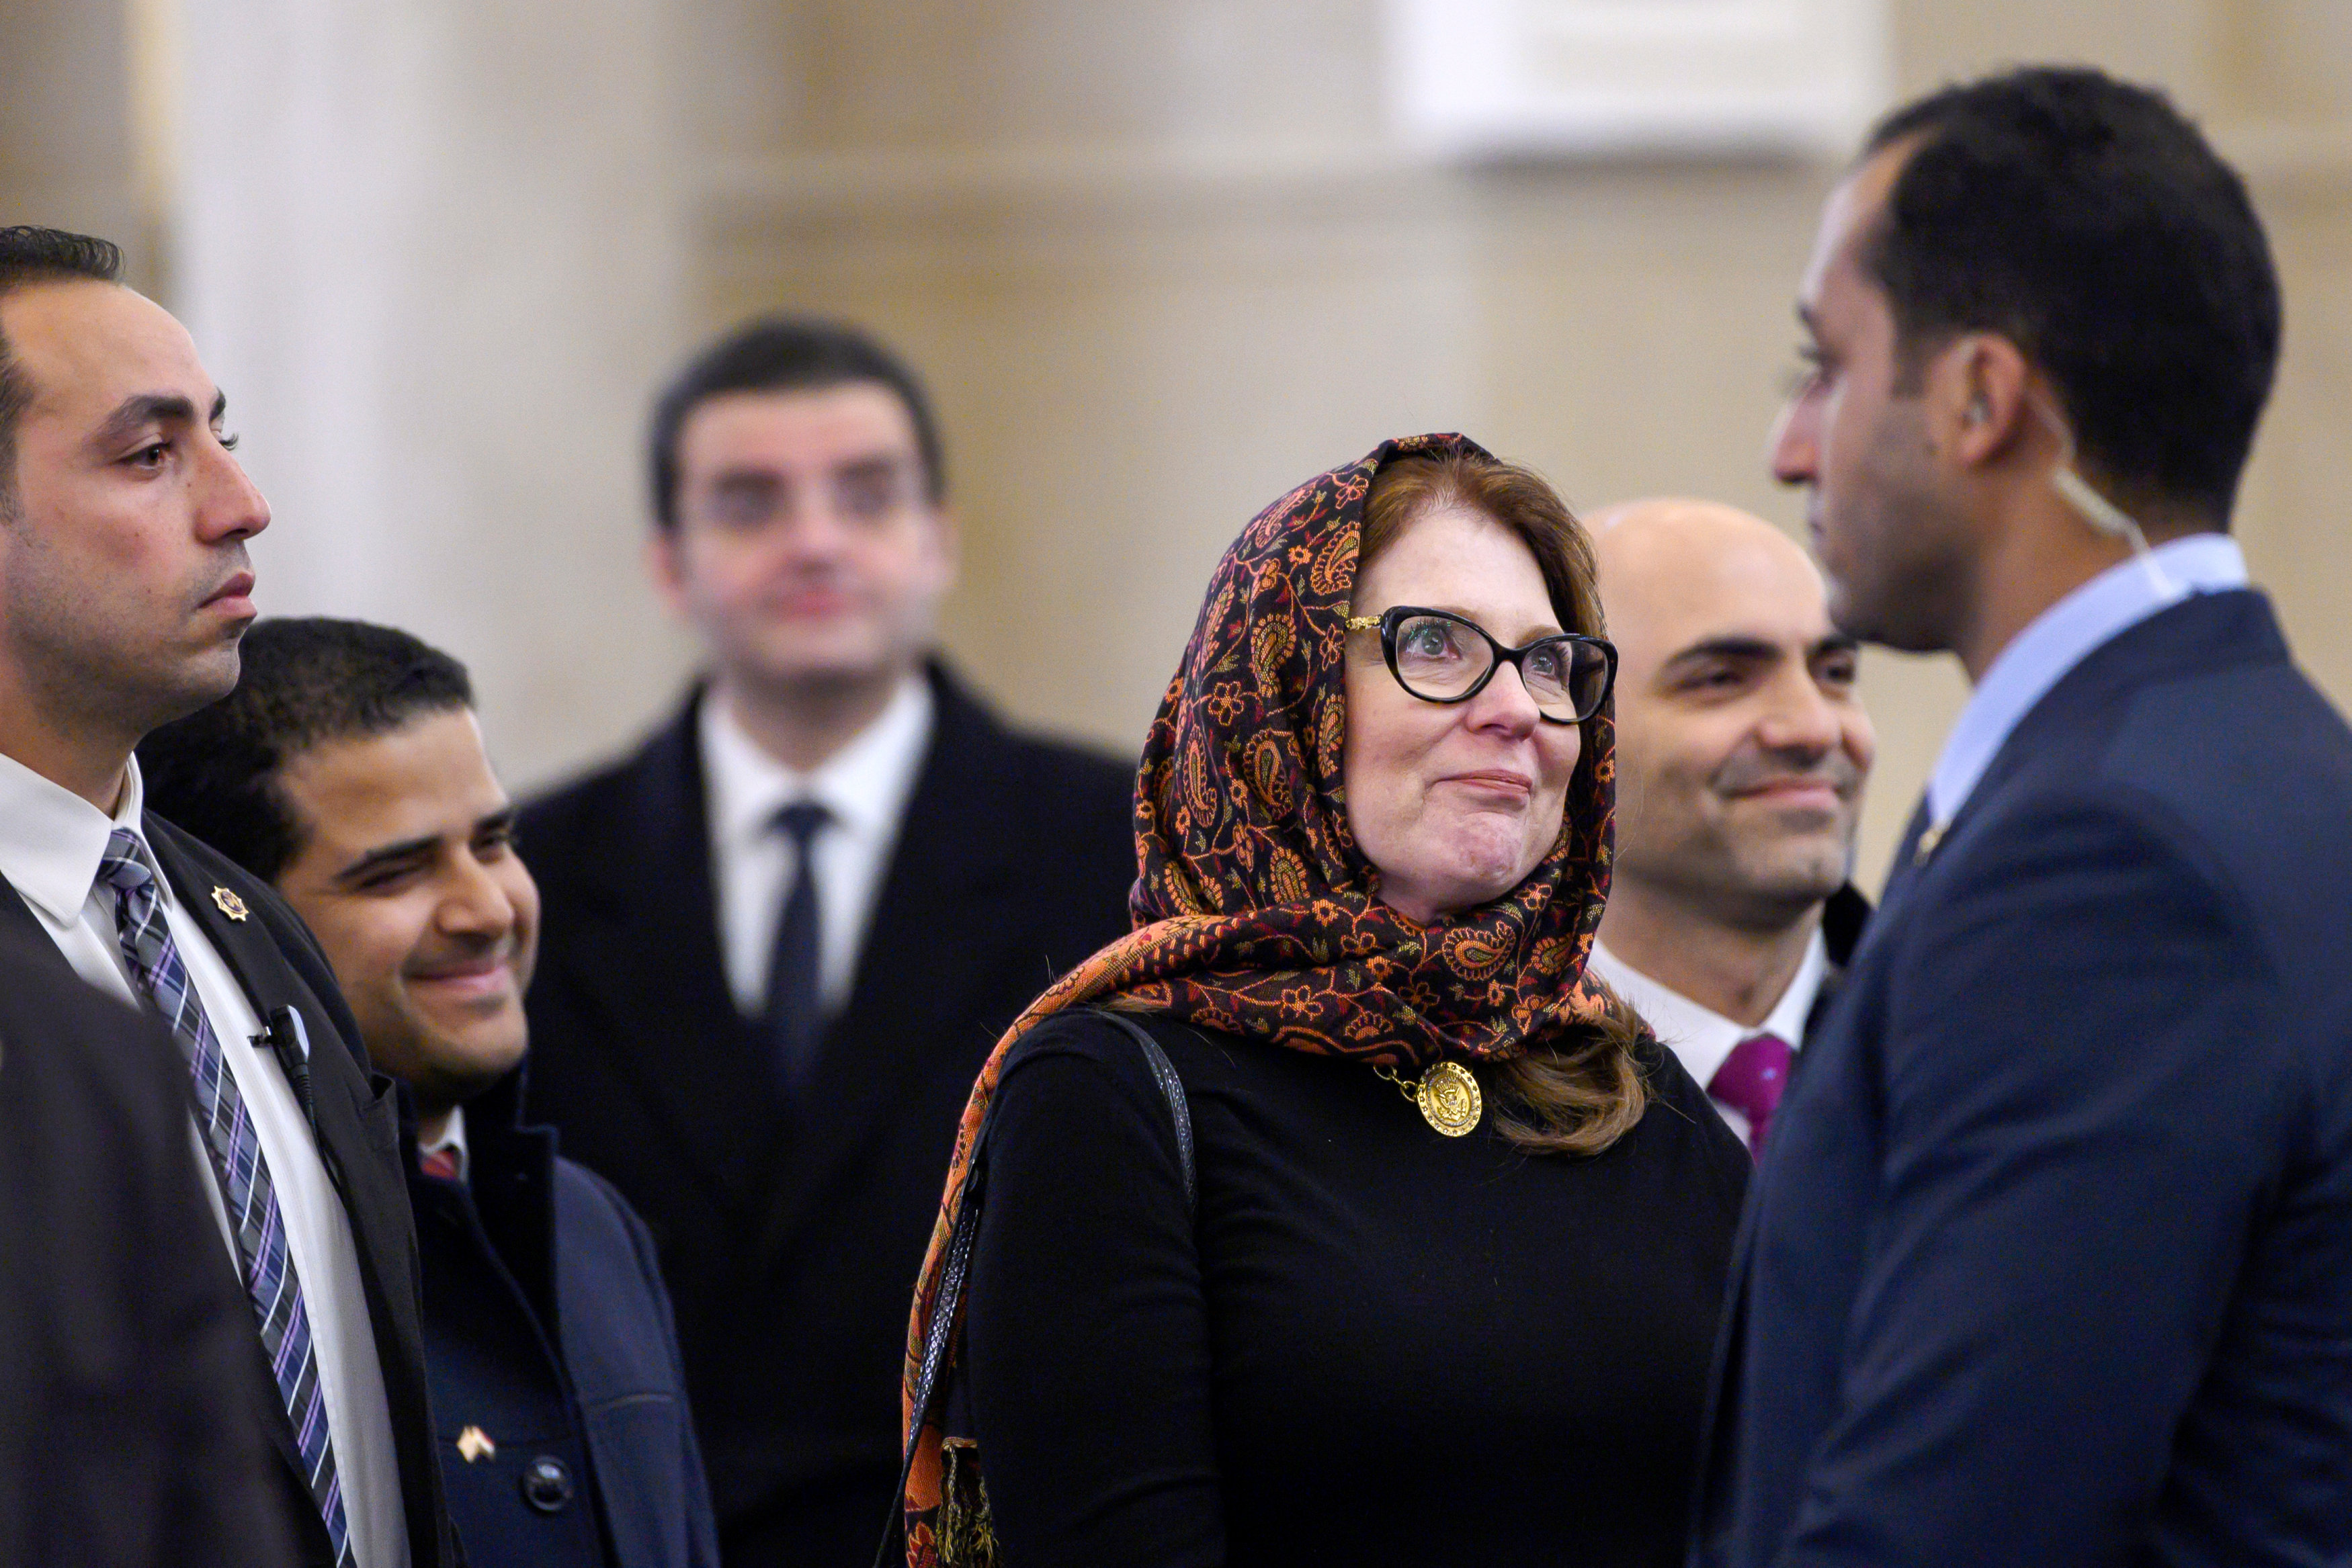 زوجة وزير الخارجية الأمريكى فى مسجد الفتاح العليم